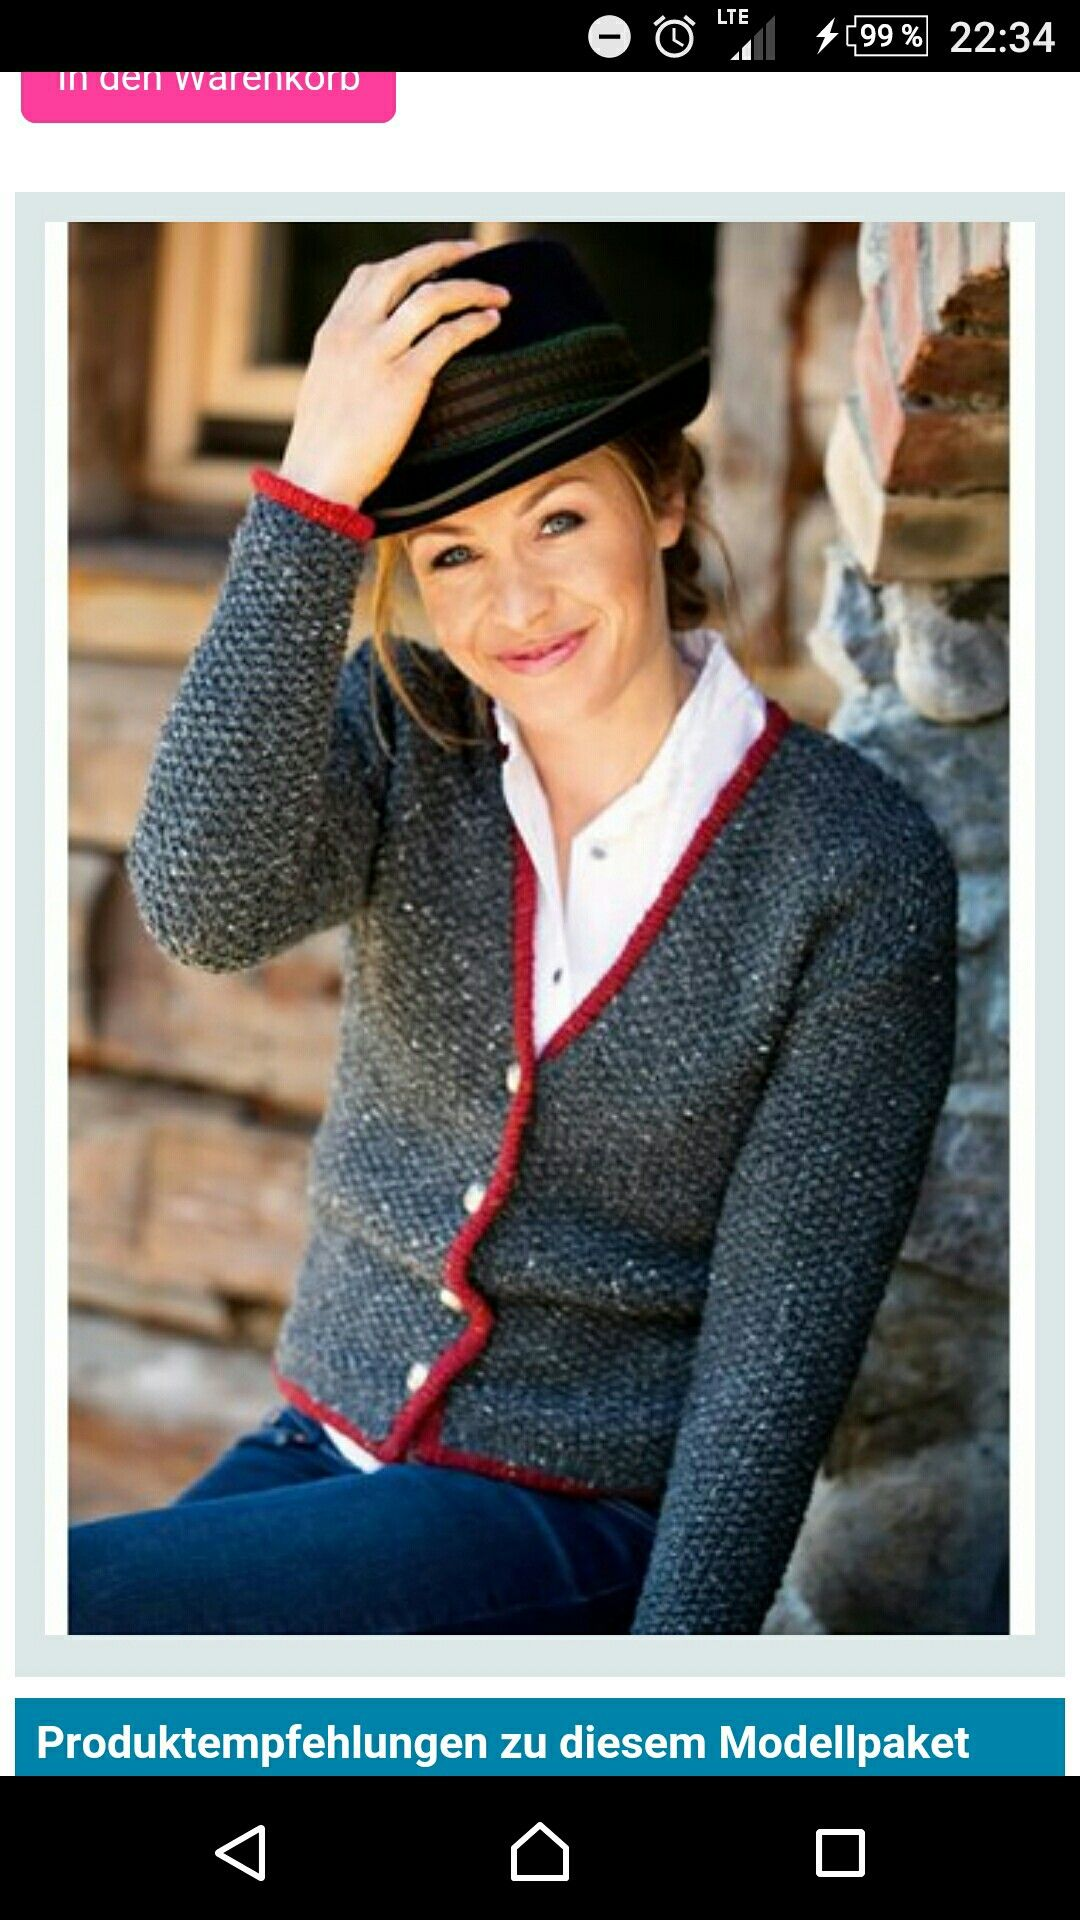 Pin von Ewa Ładyńska auf moda | Pinterest | Pulli, Jacken und Stricken